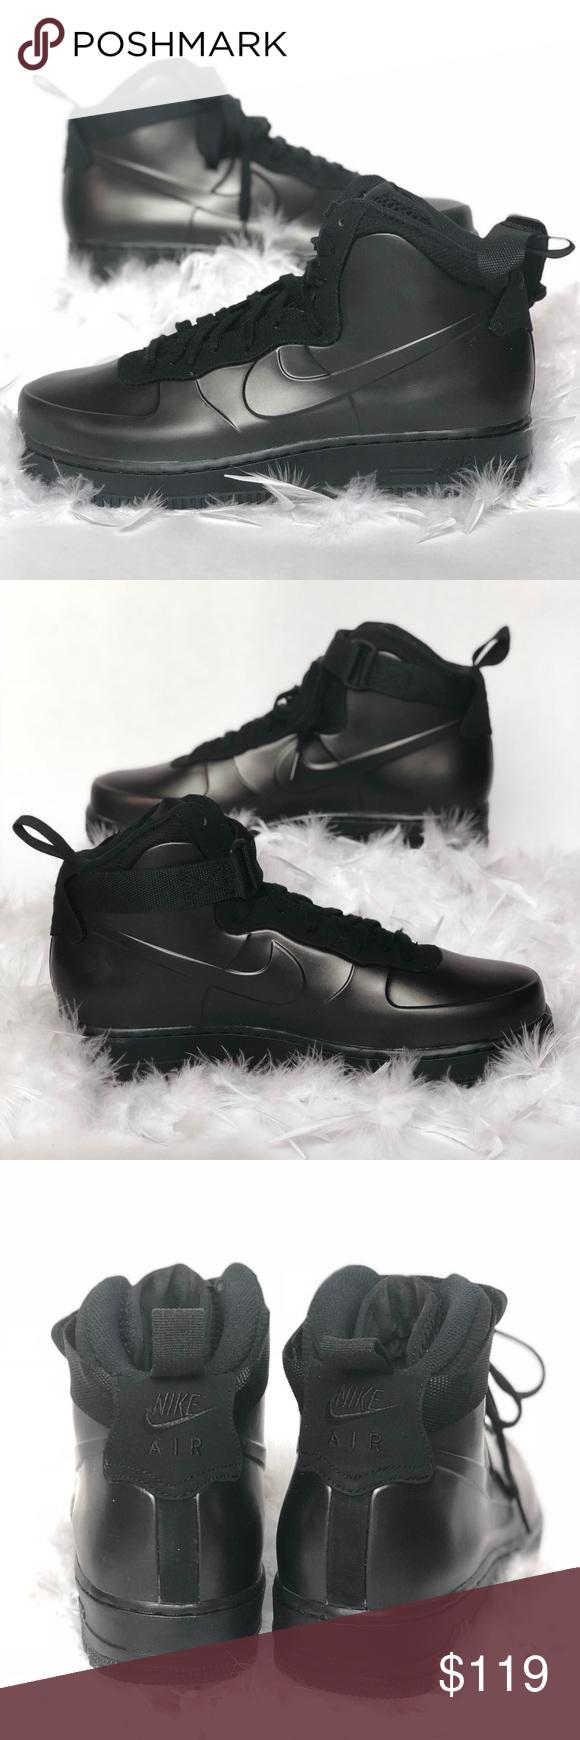 6cc4fcf4b688c Nike mens Air Force 1 Foamposite Cup Mid Black Men s size 7